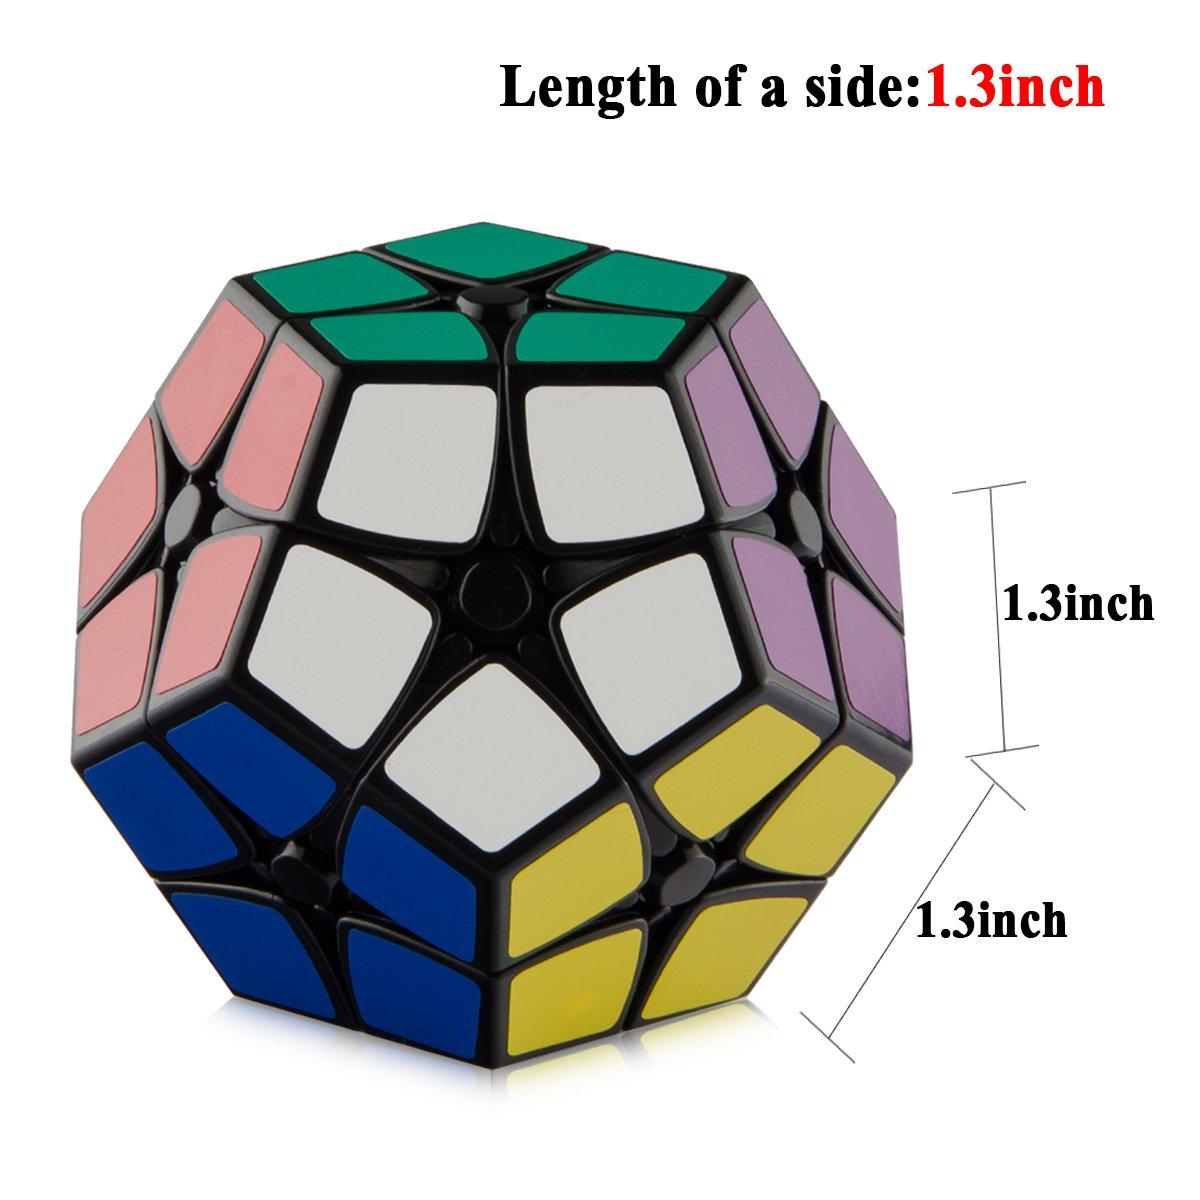 Amazon.com: D FantiX Shengshou 2x2 Megaminx Speed Cube Dodecahedron Puzzle  Cubes Black (Black): Toys U0026 Games